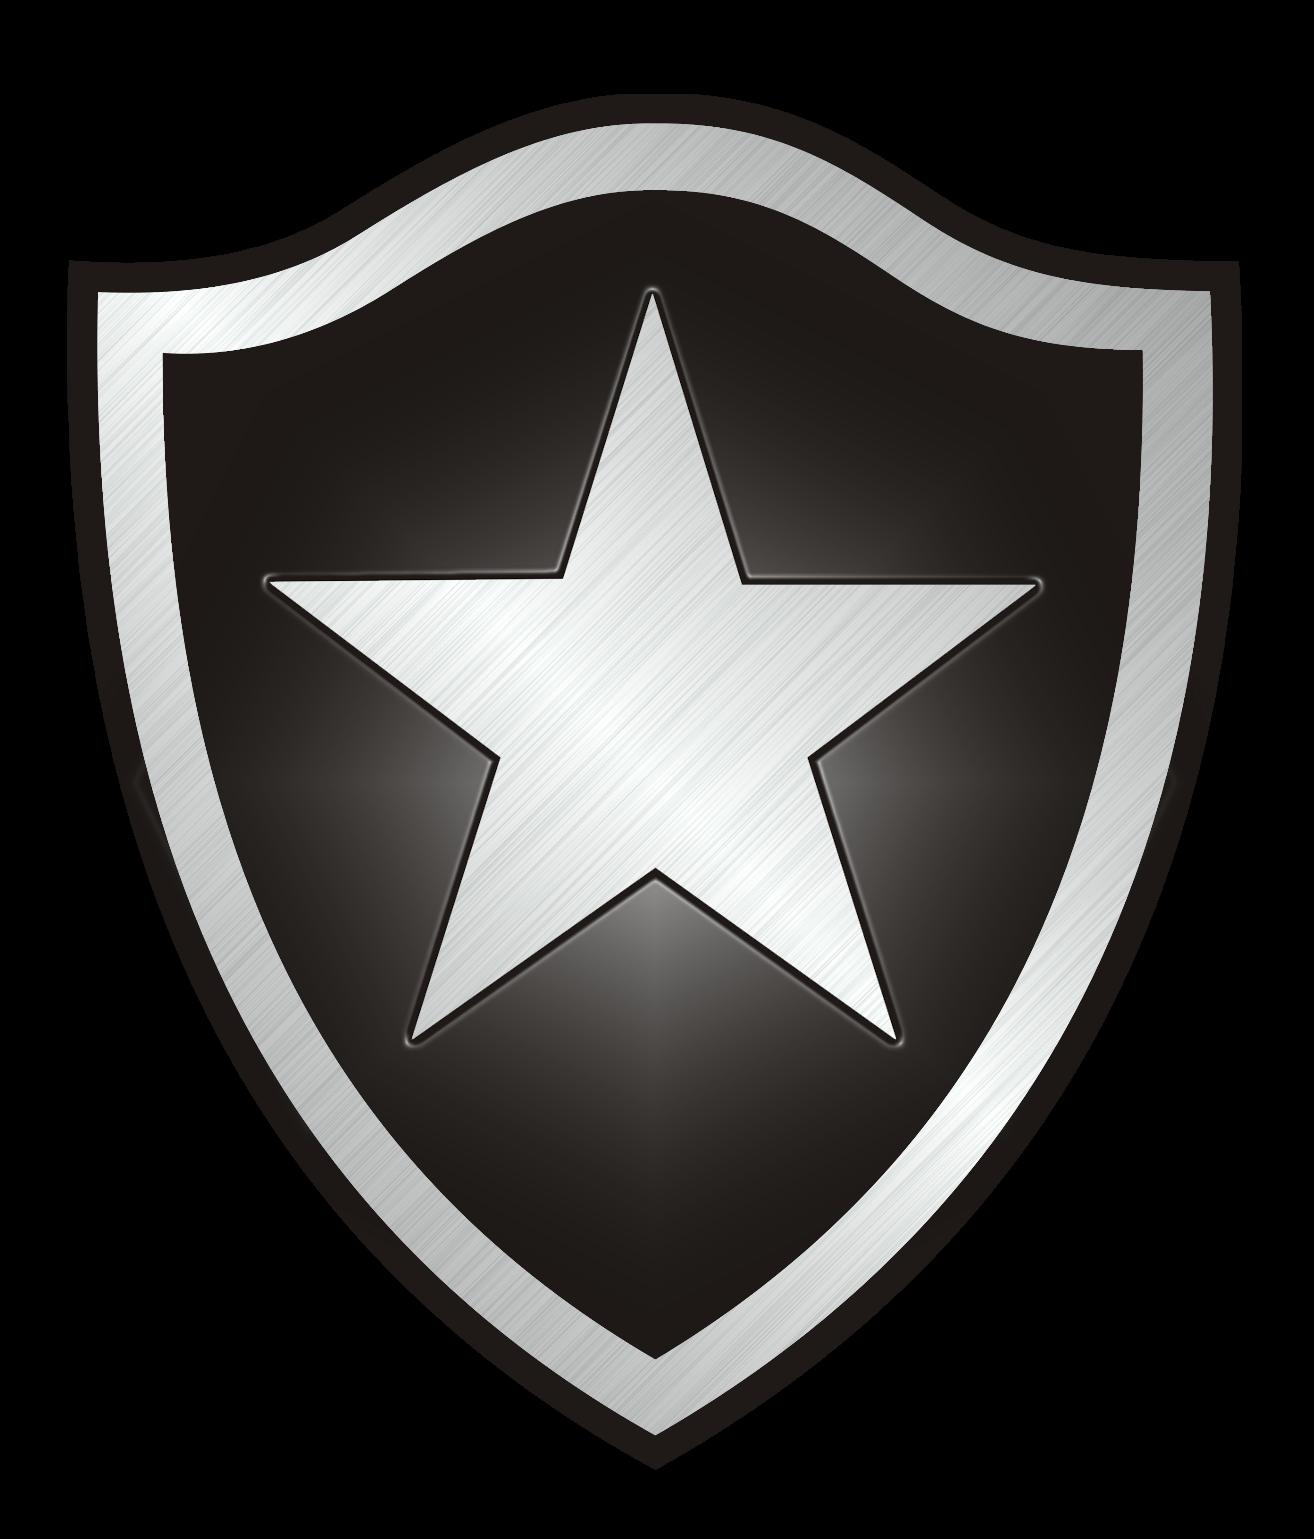 Escudo-do-Botafogo-queroimagem-Ceiça-Crispim (2)